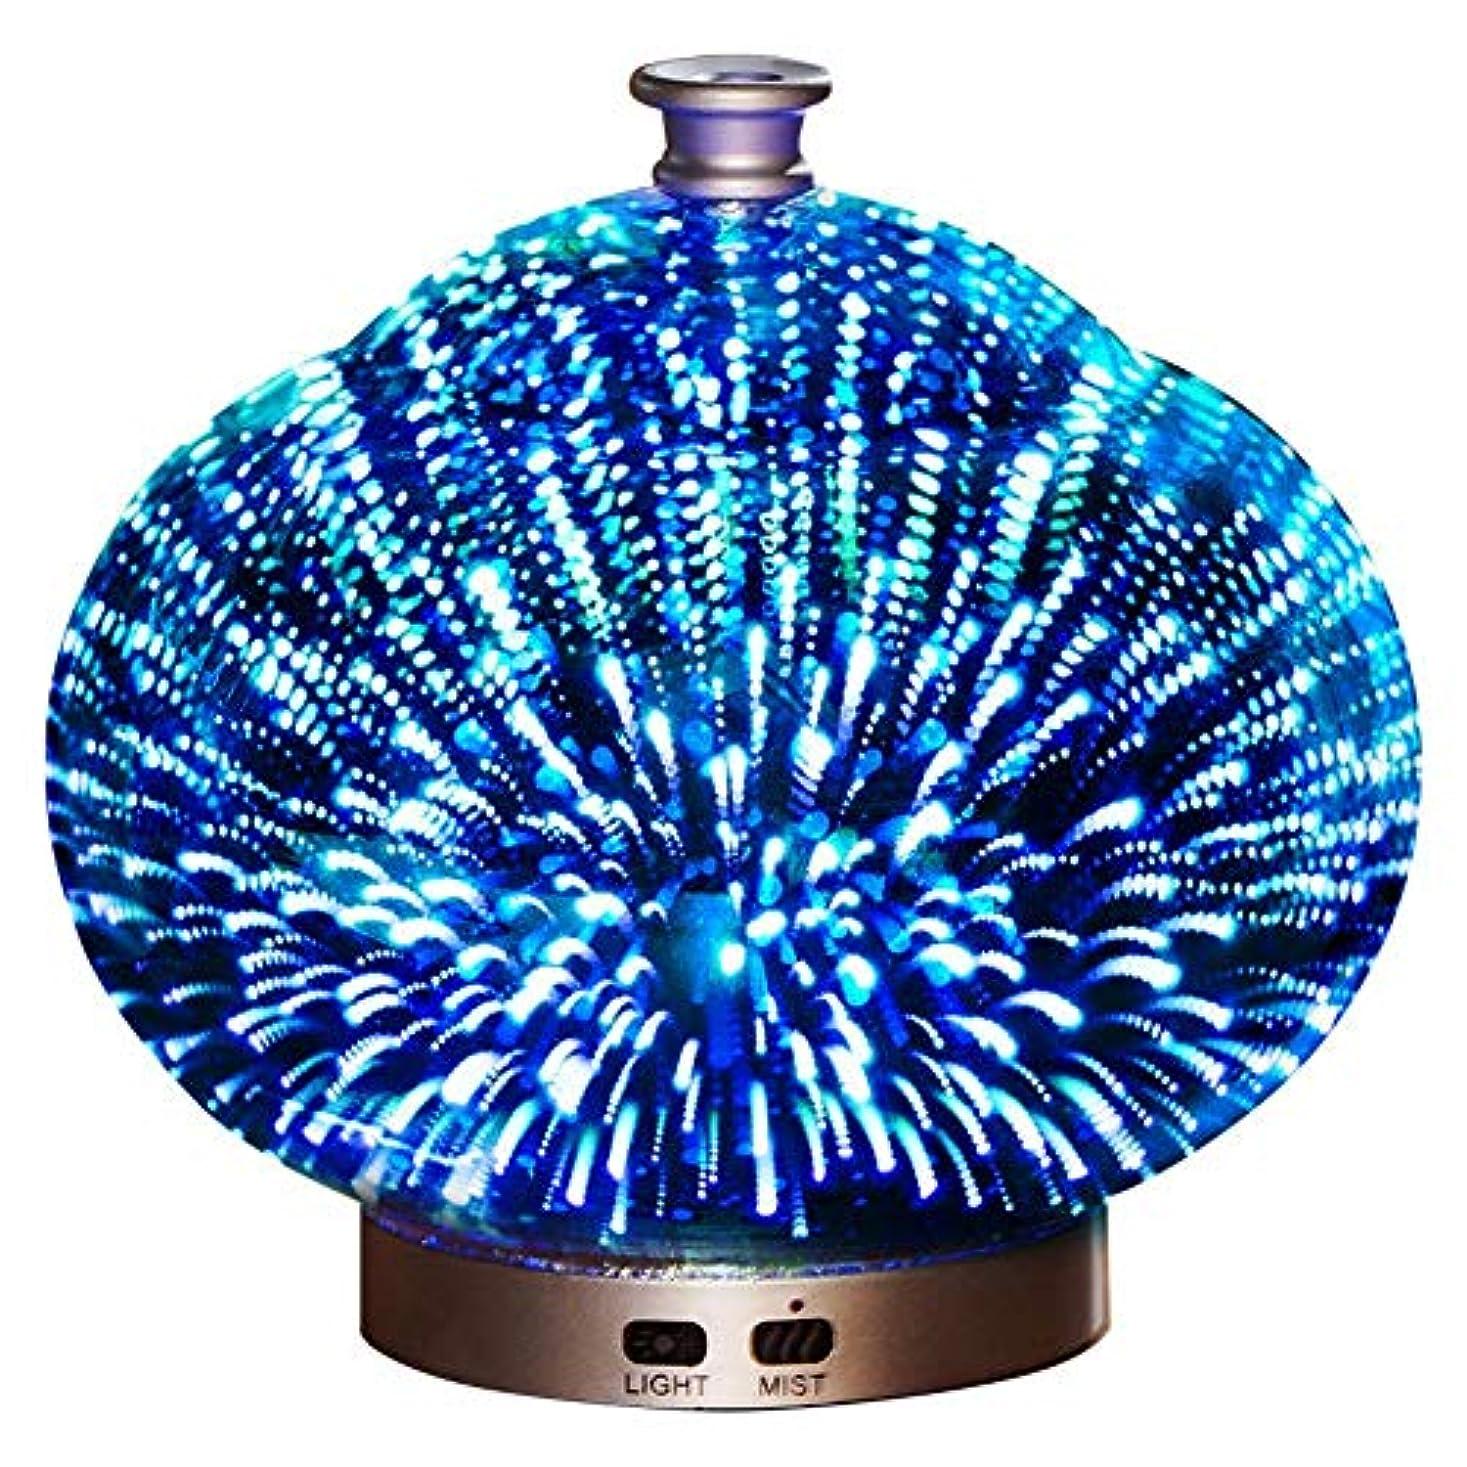 商標ずんぐりしたカジュアル3 D ガラス 精油 ディフューザー, 超音波式 クールミスト アロマディフューザー ホーム ミュート 加湿機 の ベッド オフィス Yoga-a